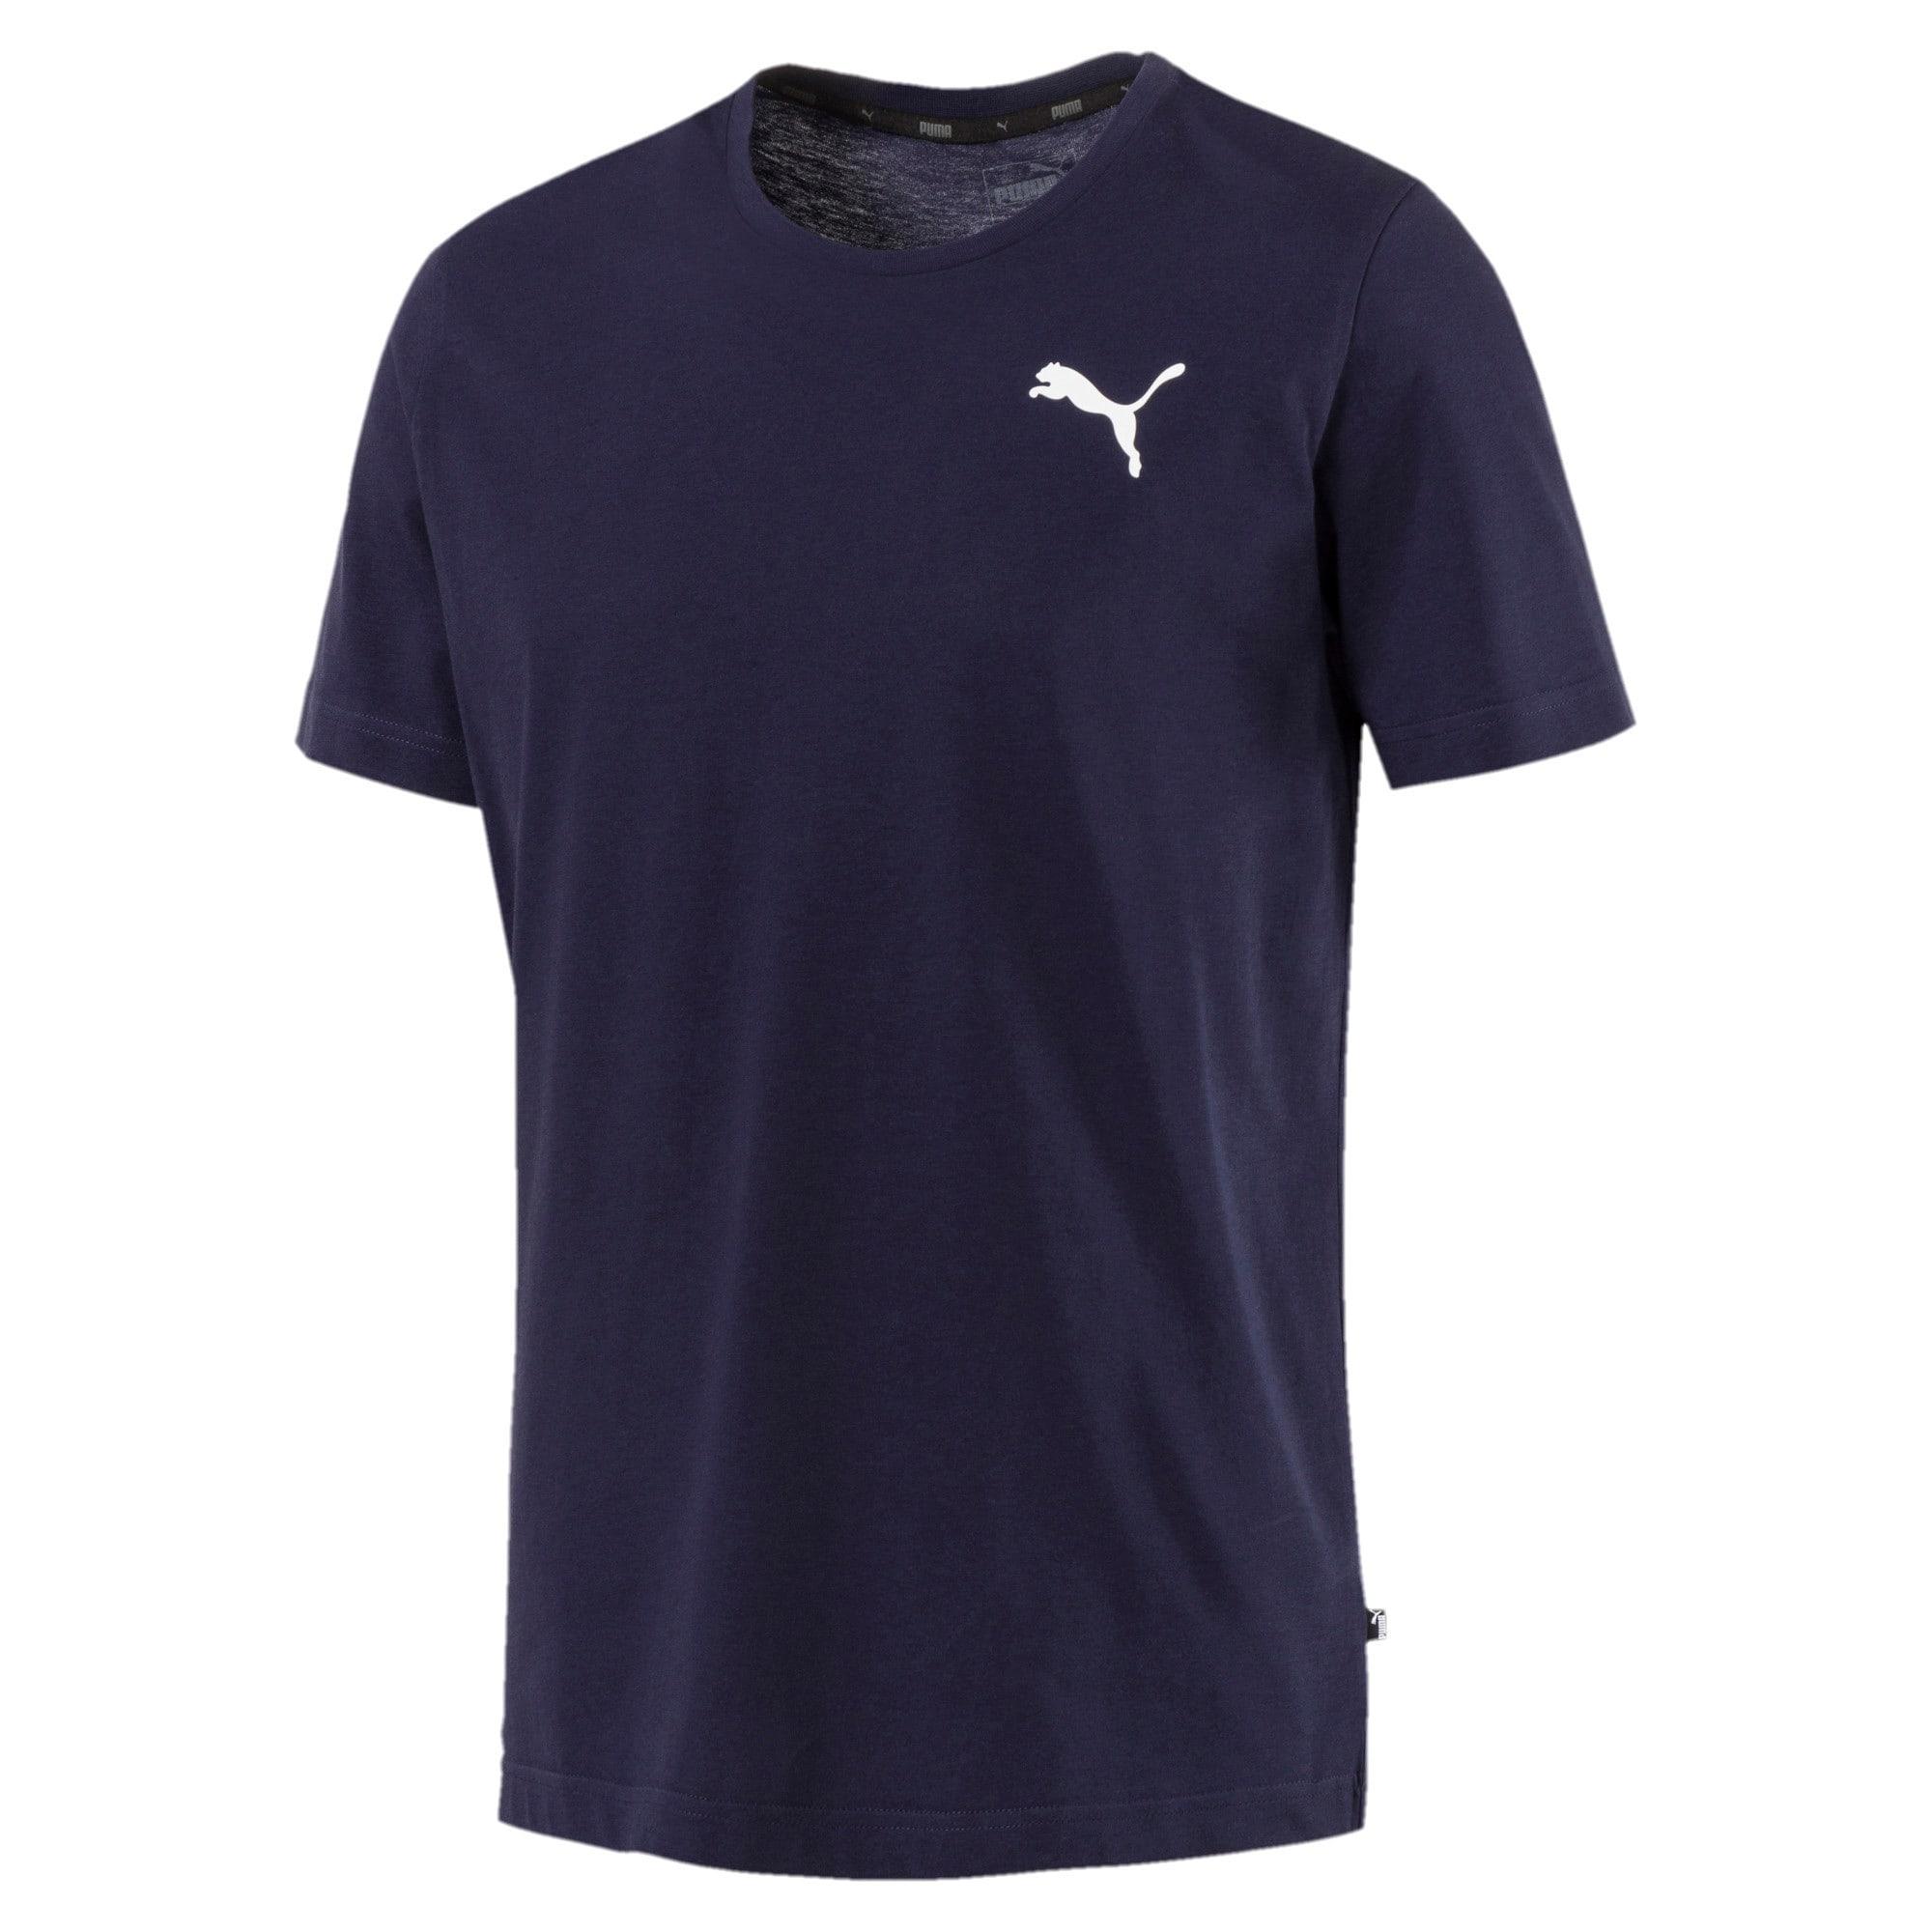 Thumbnail 4 of T-shirt con logo piccolo Essentials uomo, Peacoat-_Cat, medium